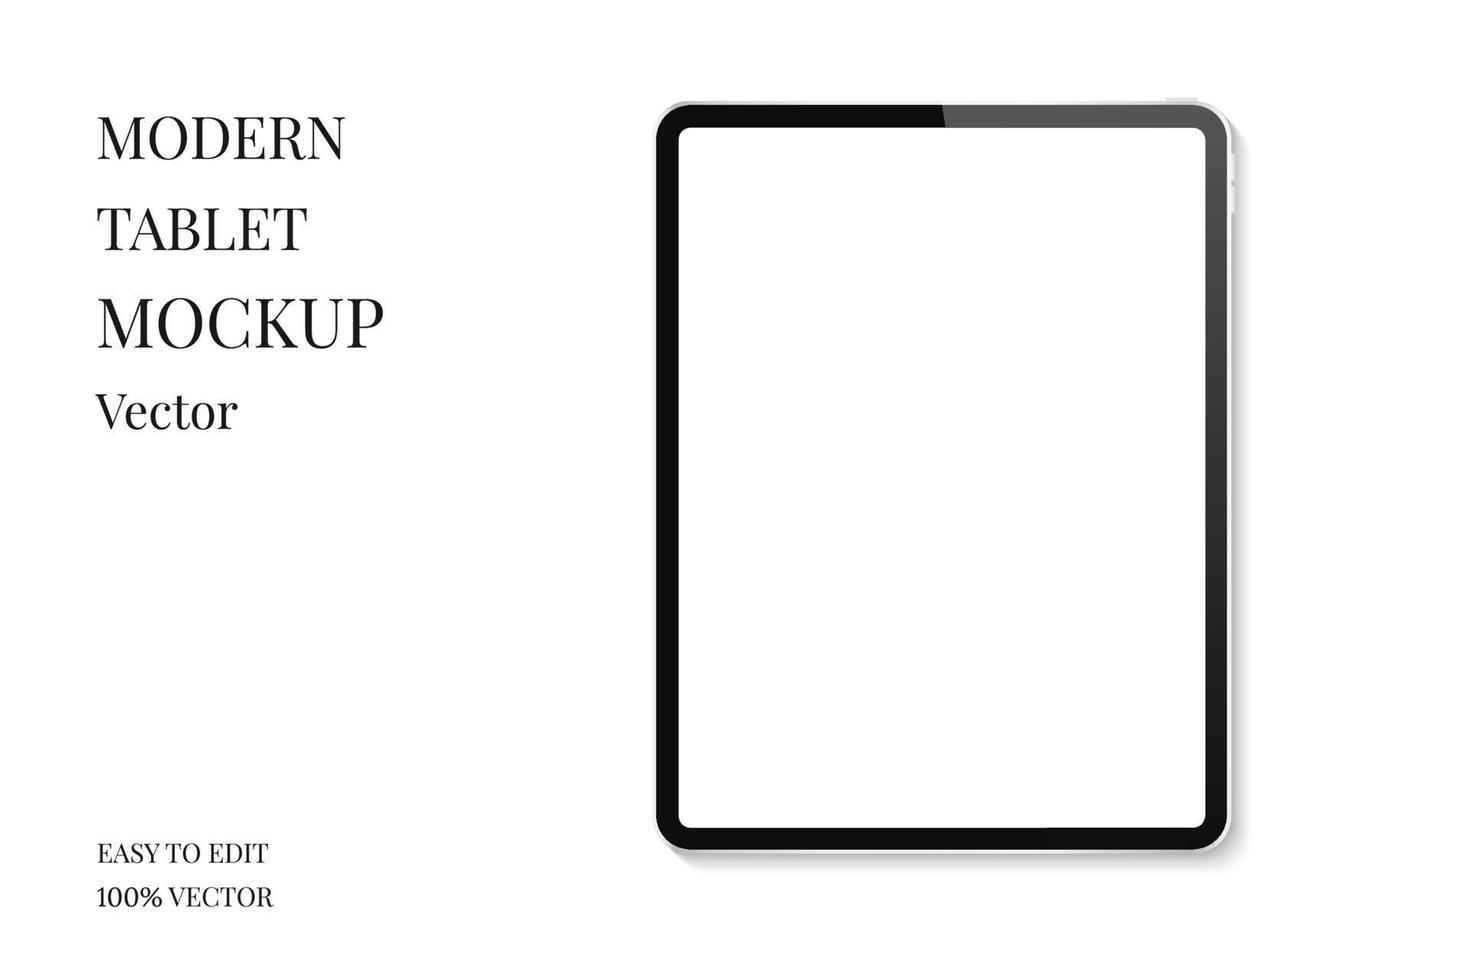 tablett mockup vektor. modern surfplatta med tom skärm. realistisk tablettdator isolerad på vit bakgrund. vektor